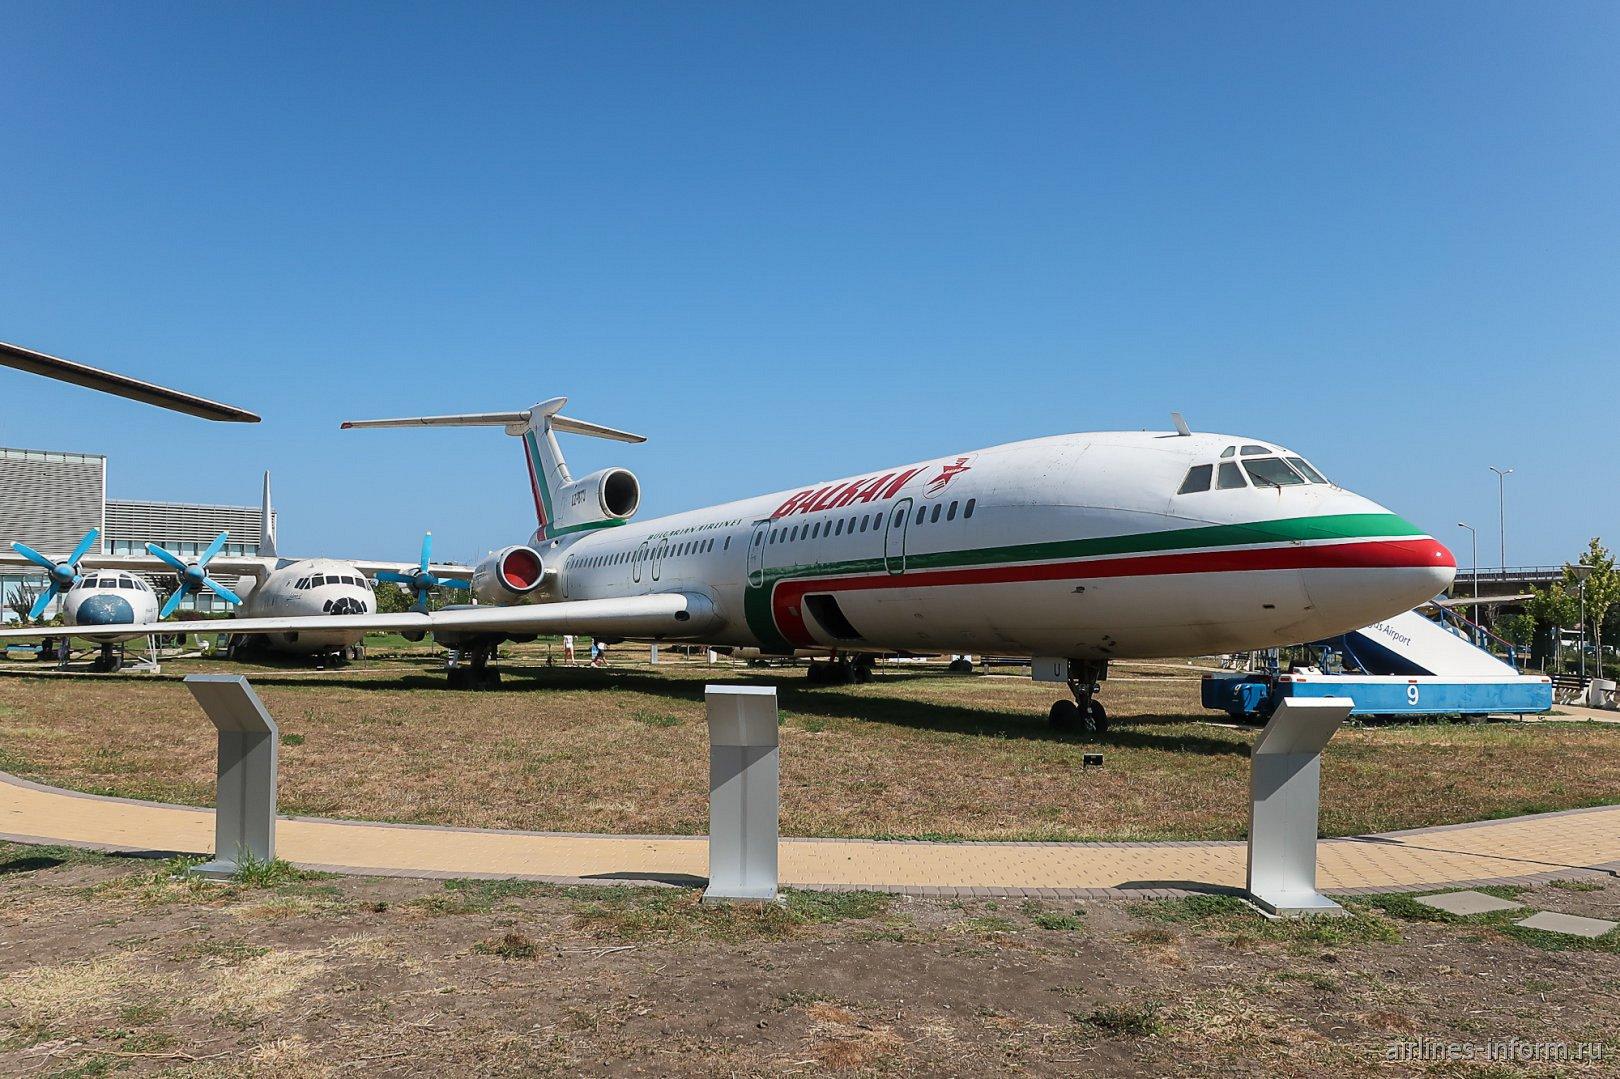 Авиалайнер Ту-154Б-2 LZ-BTU в авиационном музее аэропорта Бургас